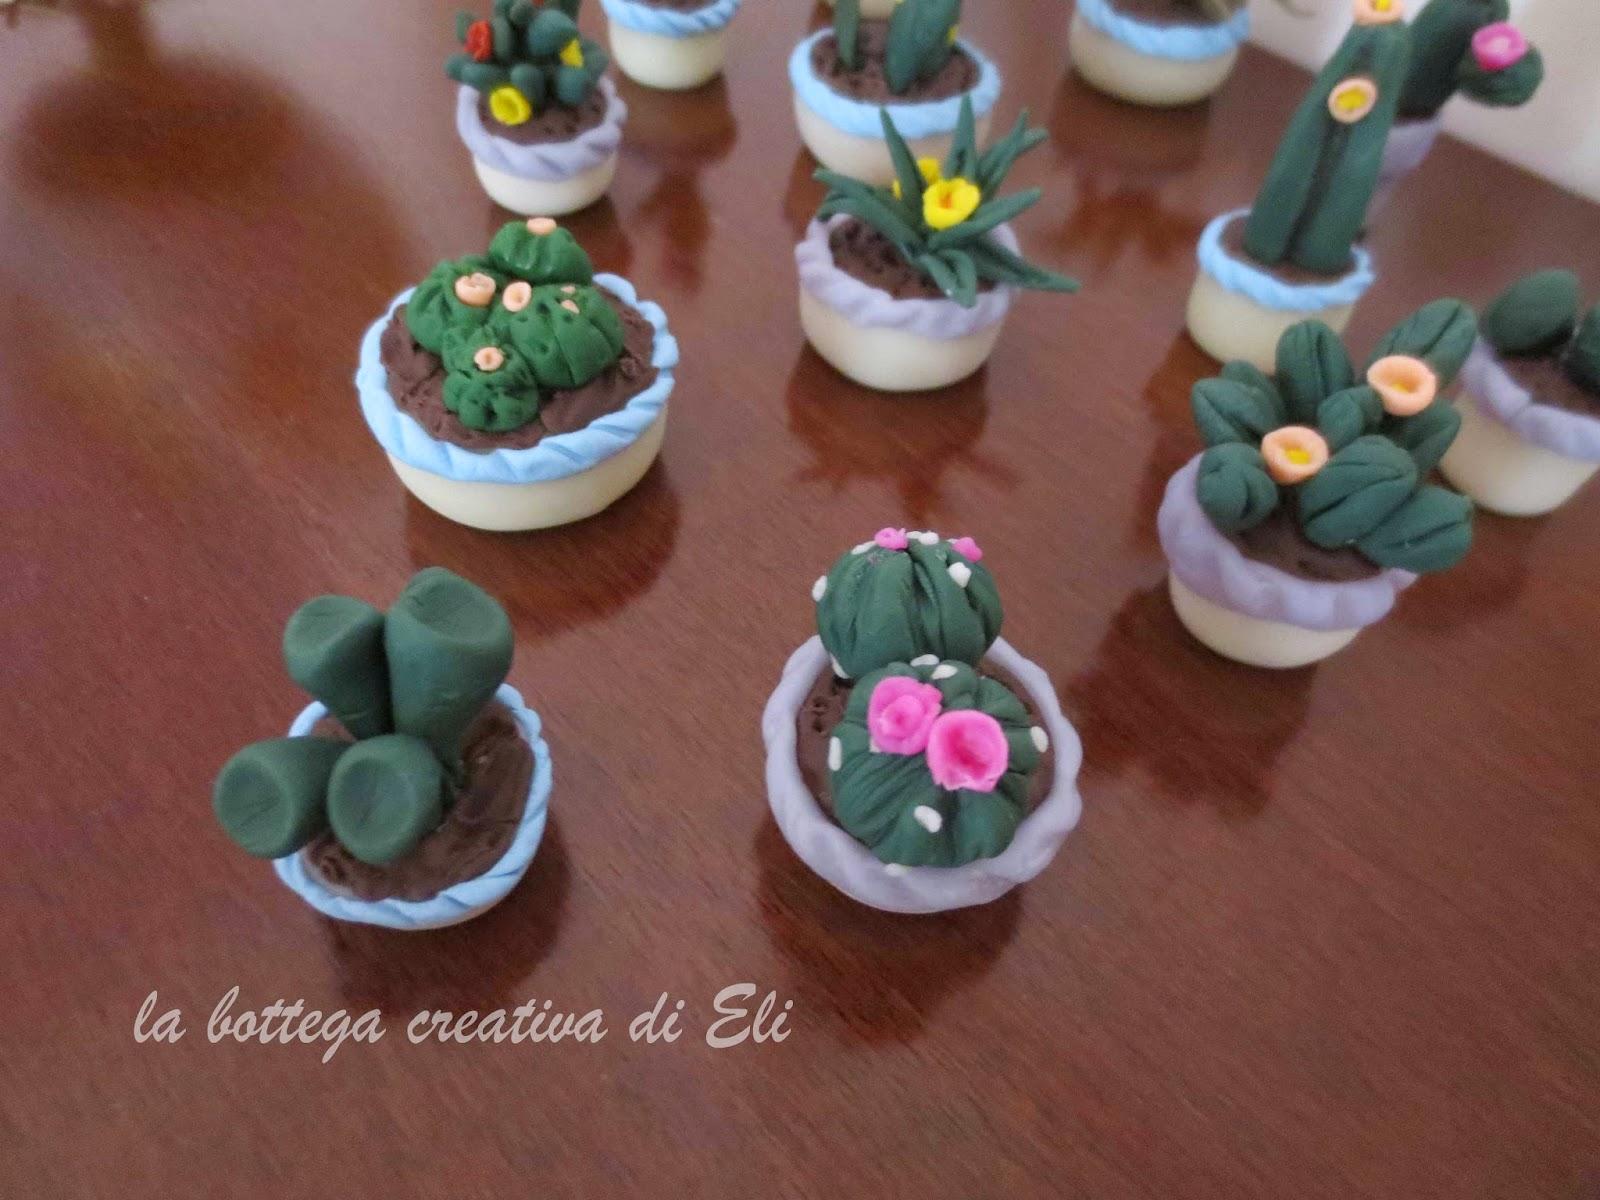 la pasta-di-mais-per-realizzare-piante-grasse